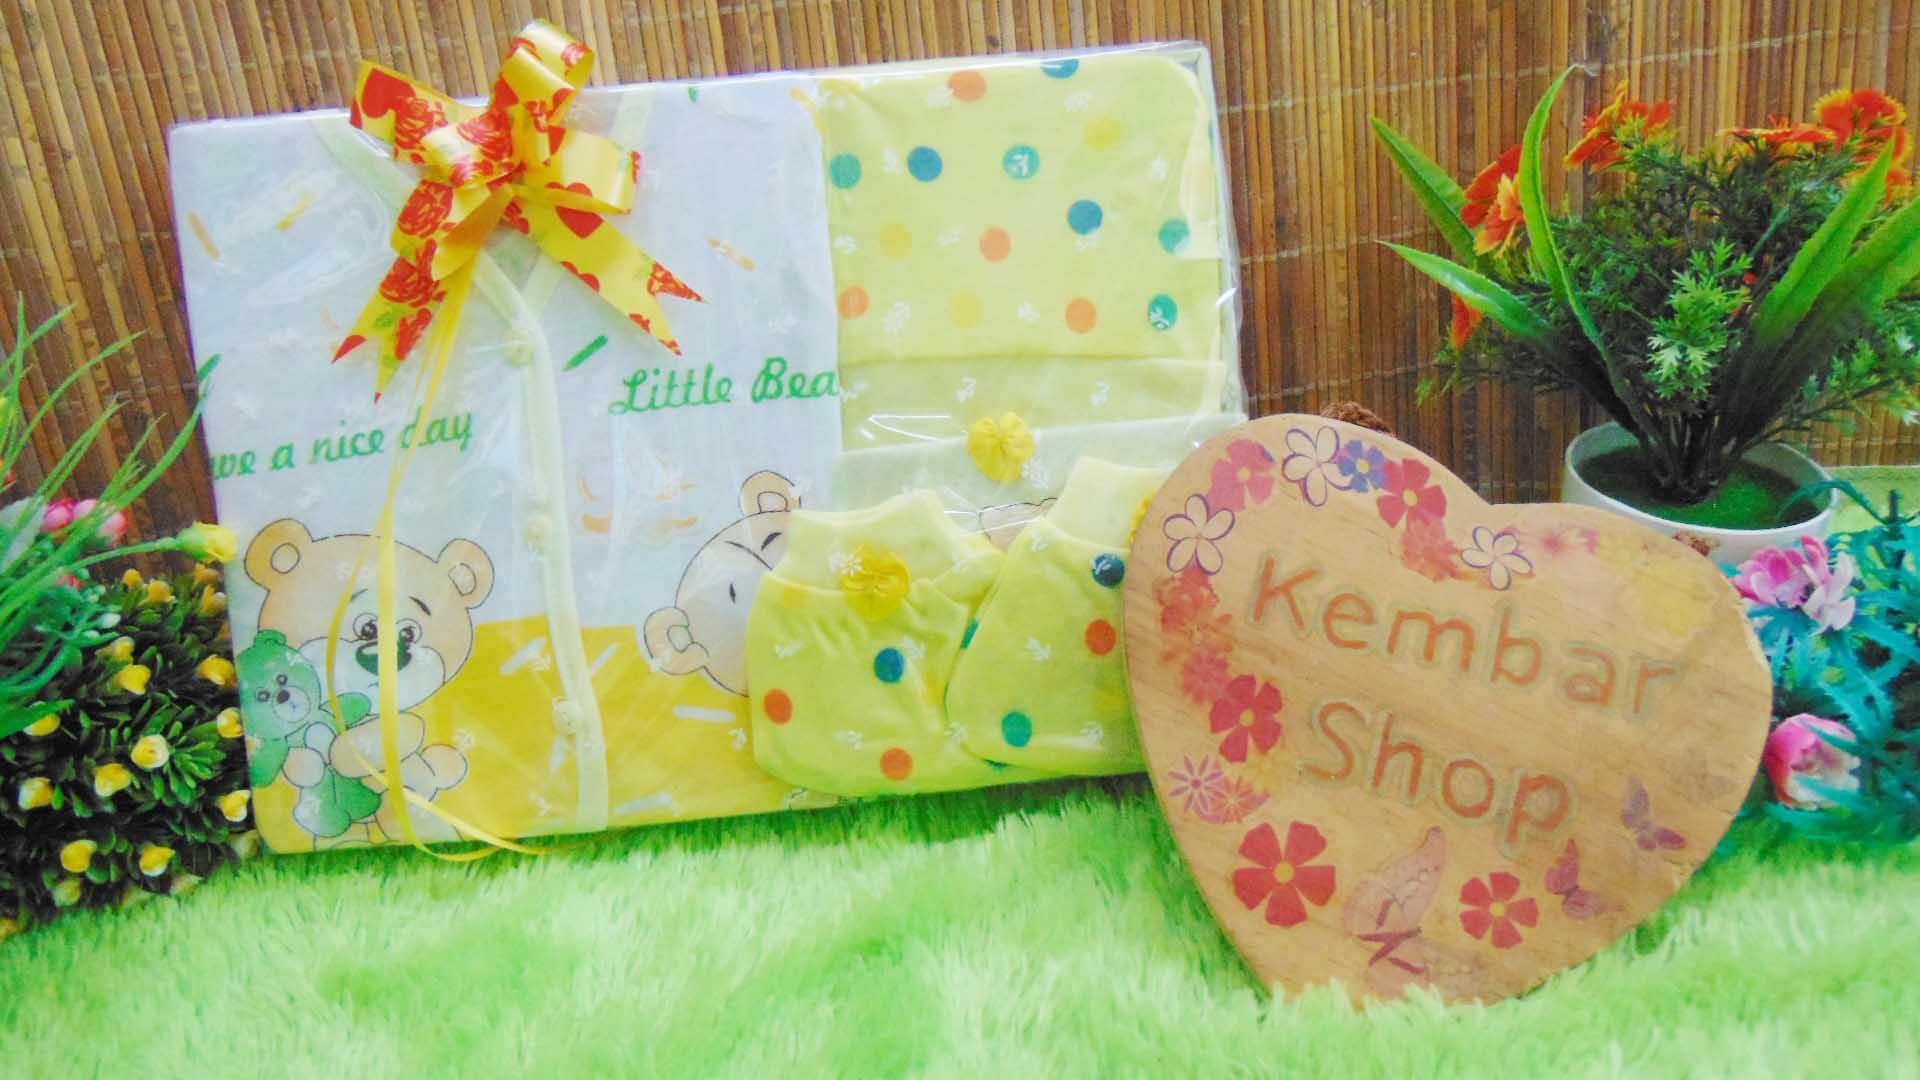 FREE KARTU UCAPAN Paket Kado Bayi Hemat Topi Sepatu (2)